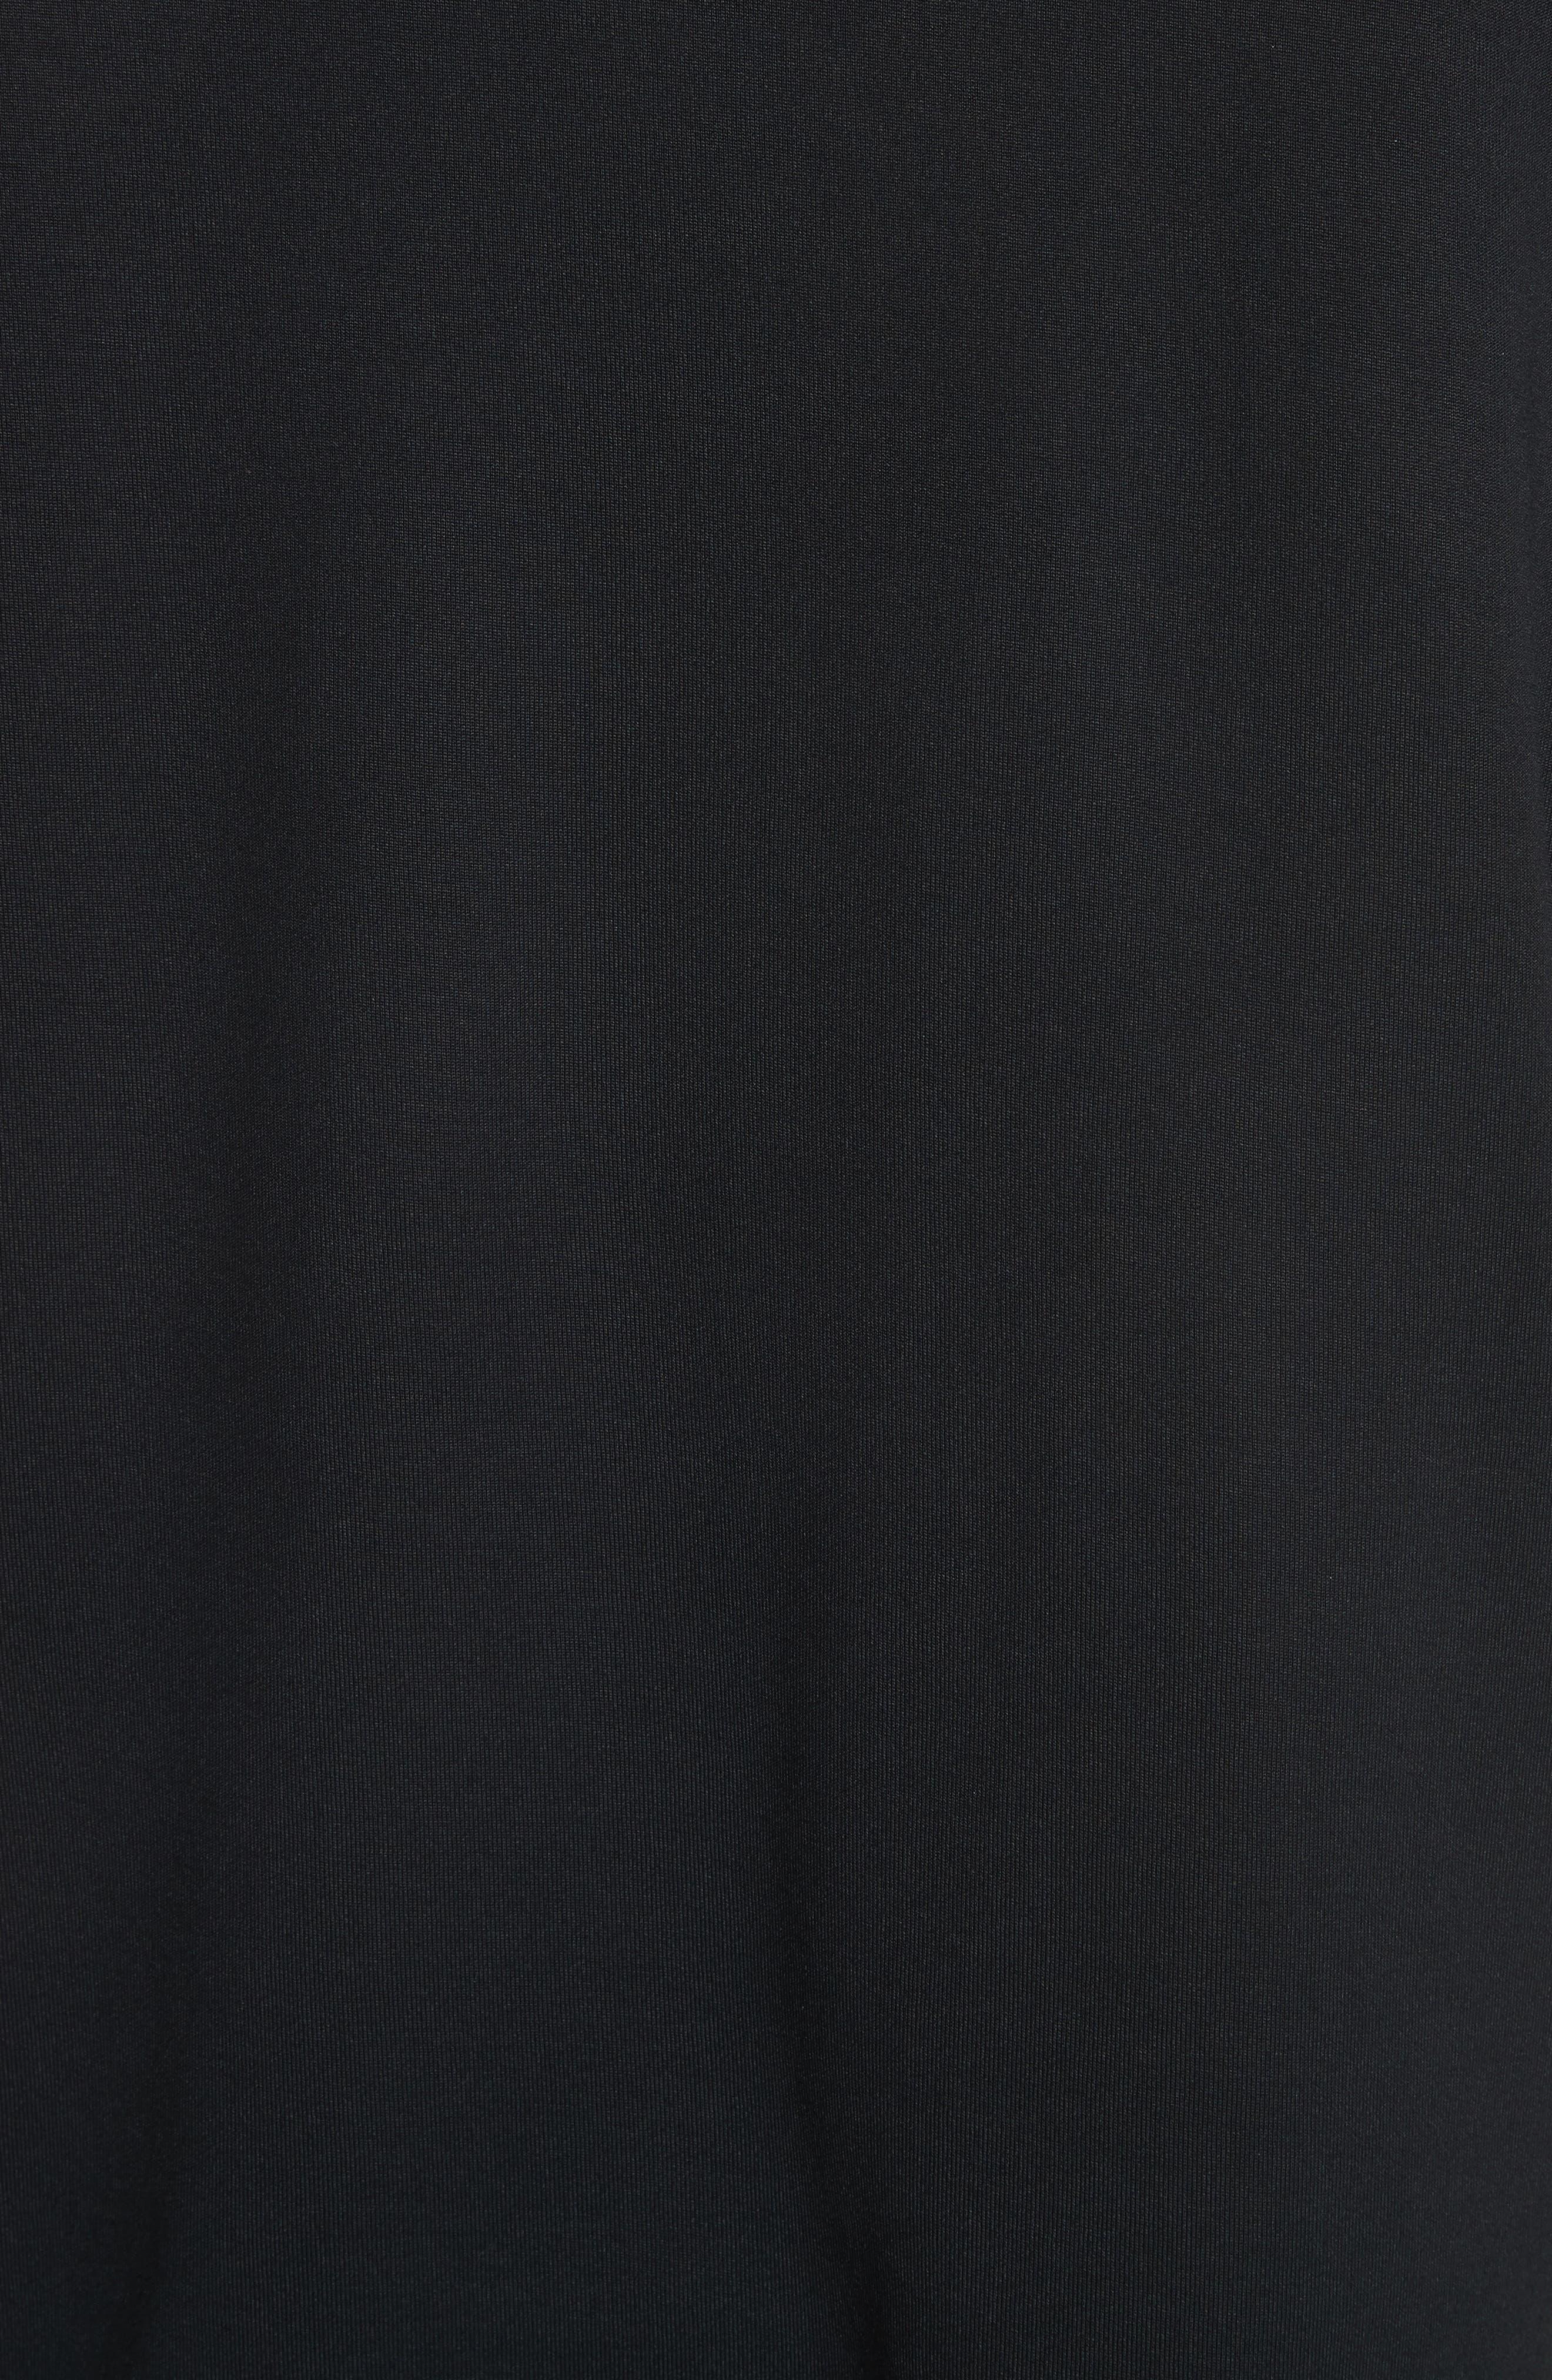 White Stripe Crewneck T-Shirt,                             Alternate thumbnail 5, color,                             Black